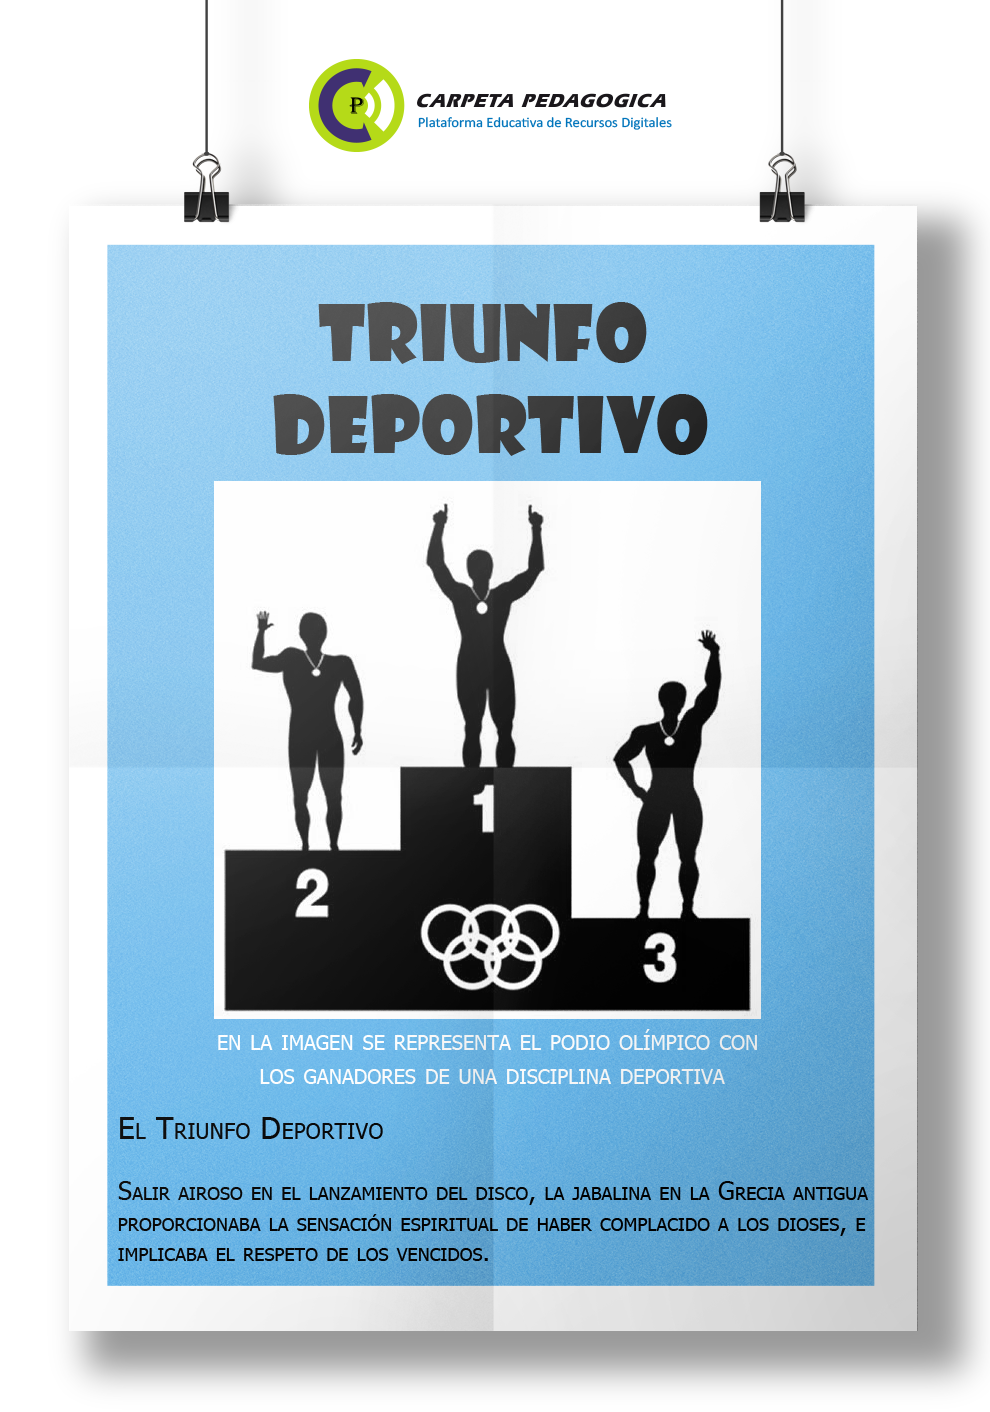 El Triunfo Deportivo